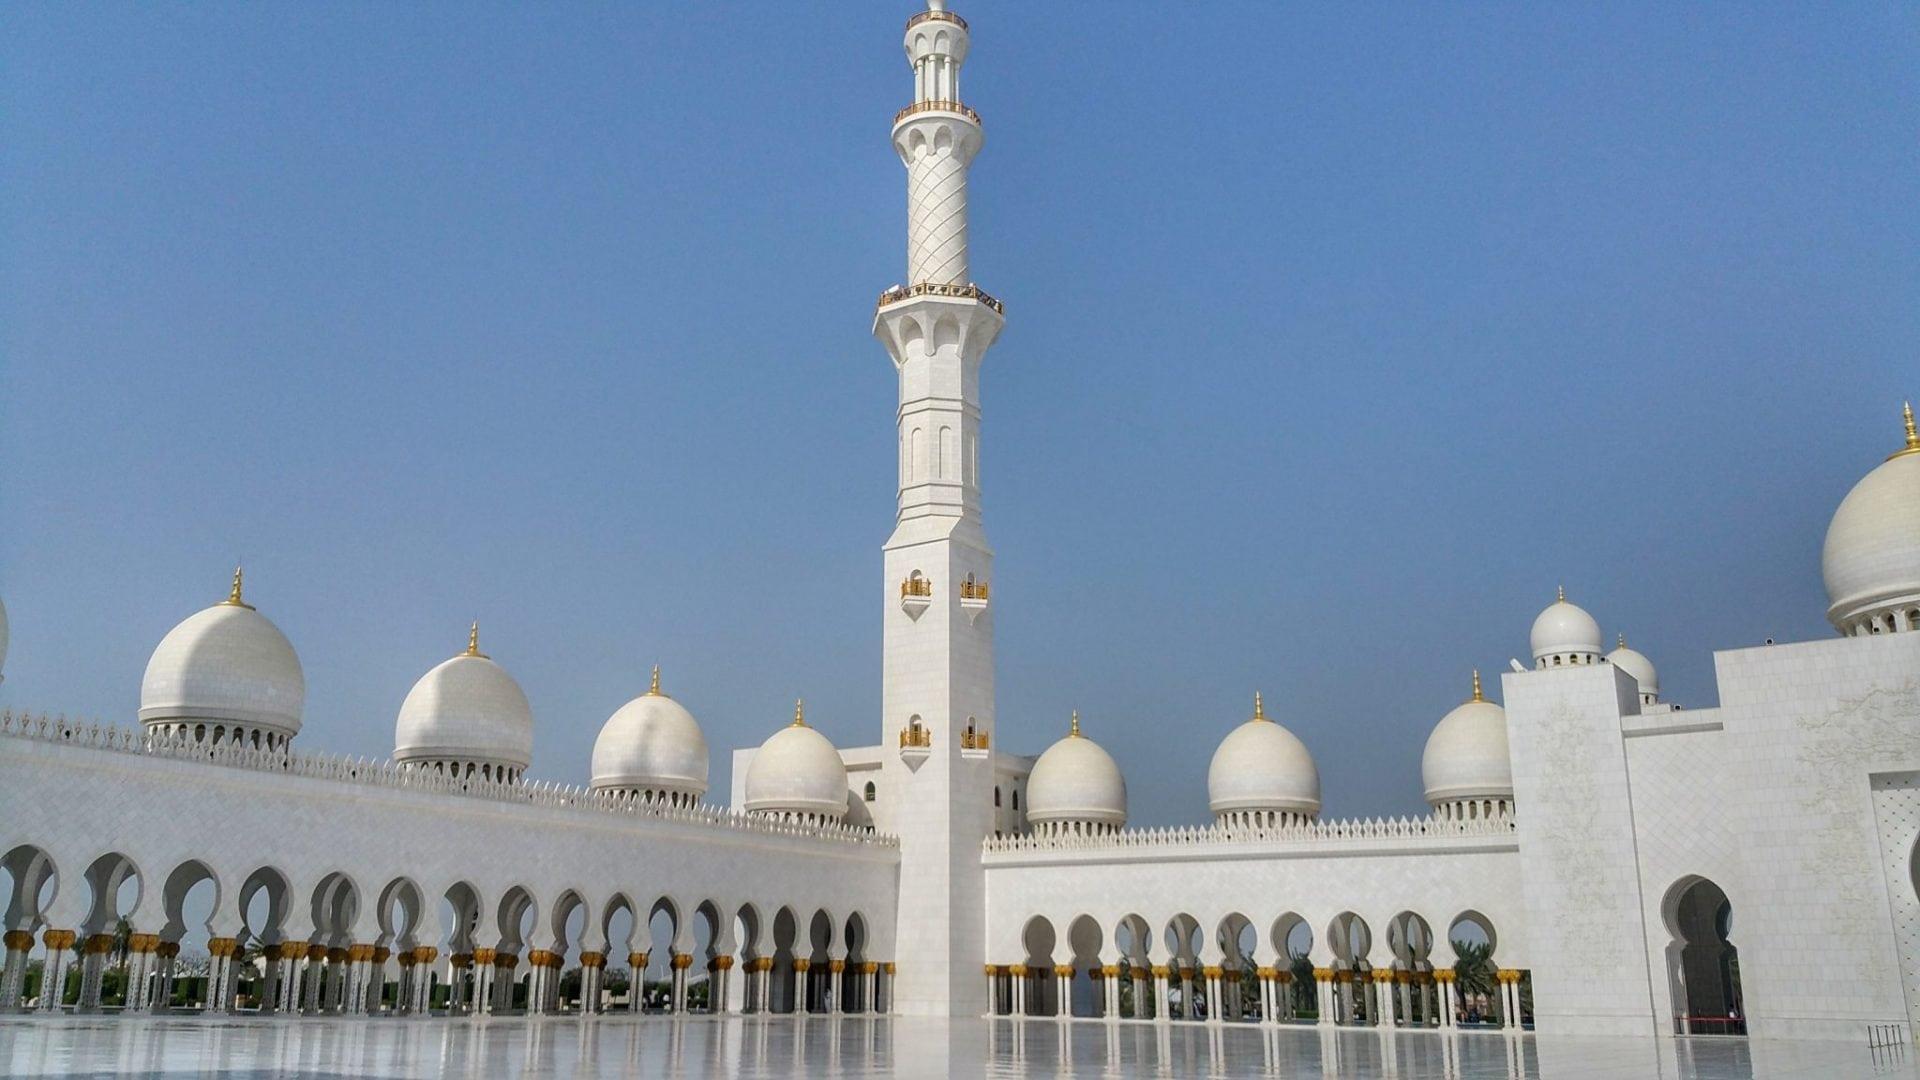 جامع الشيخ زايد - من الخارج